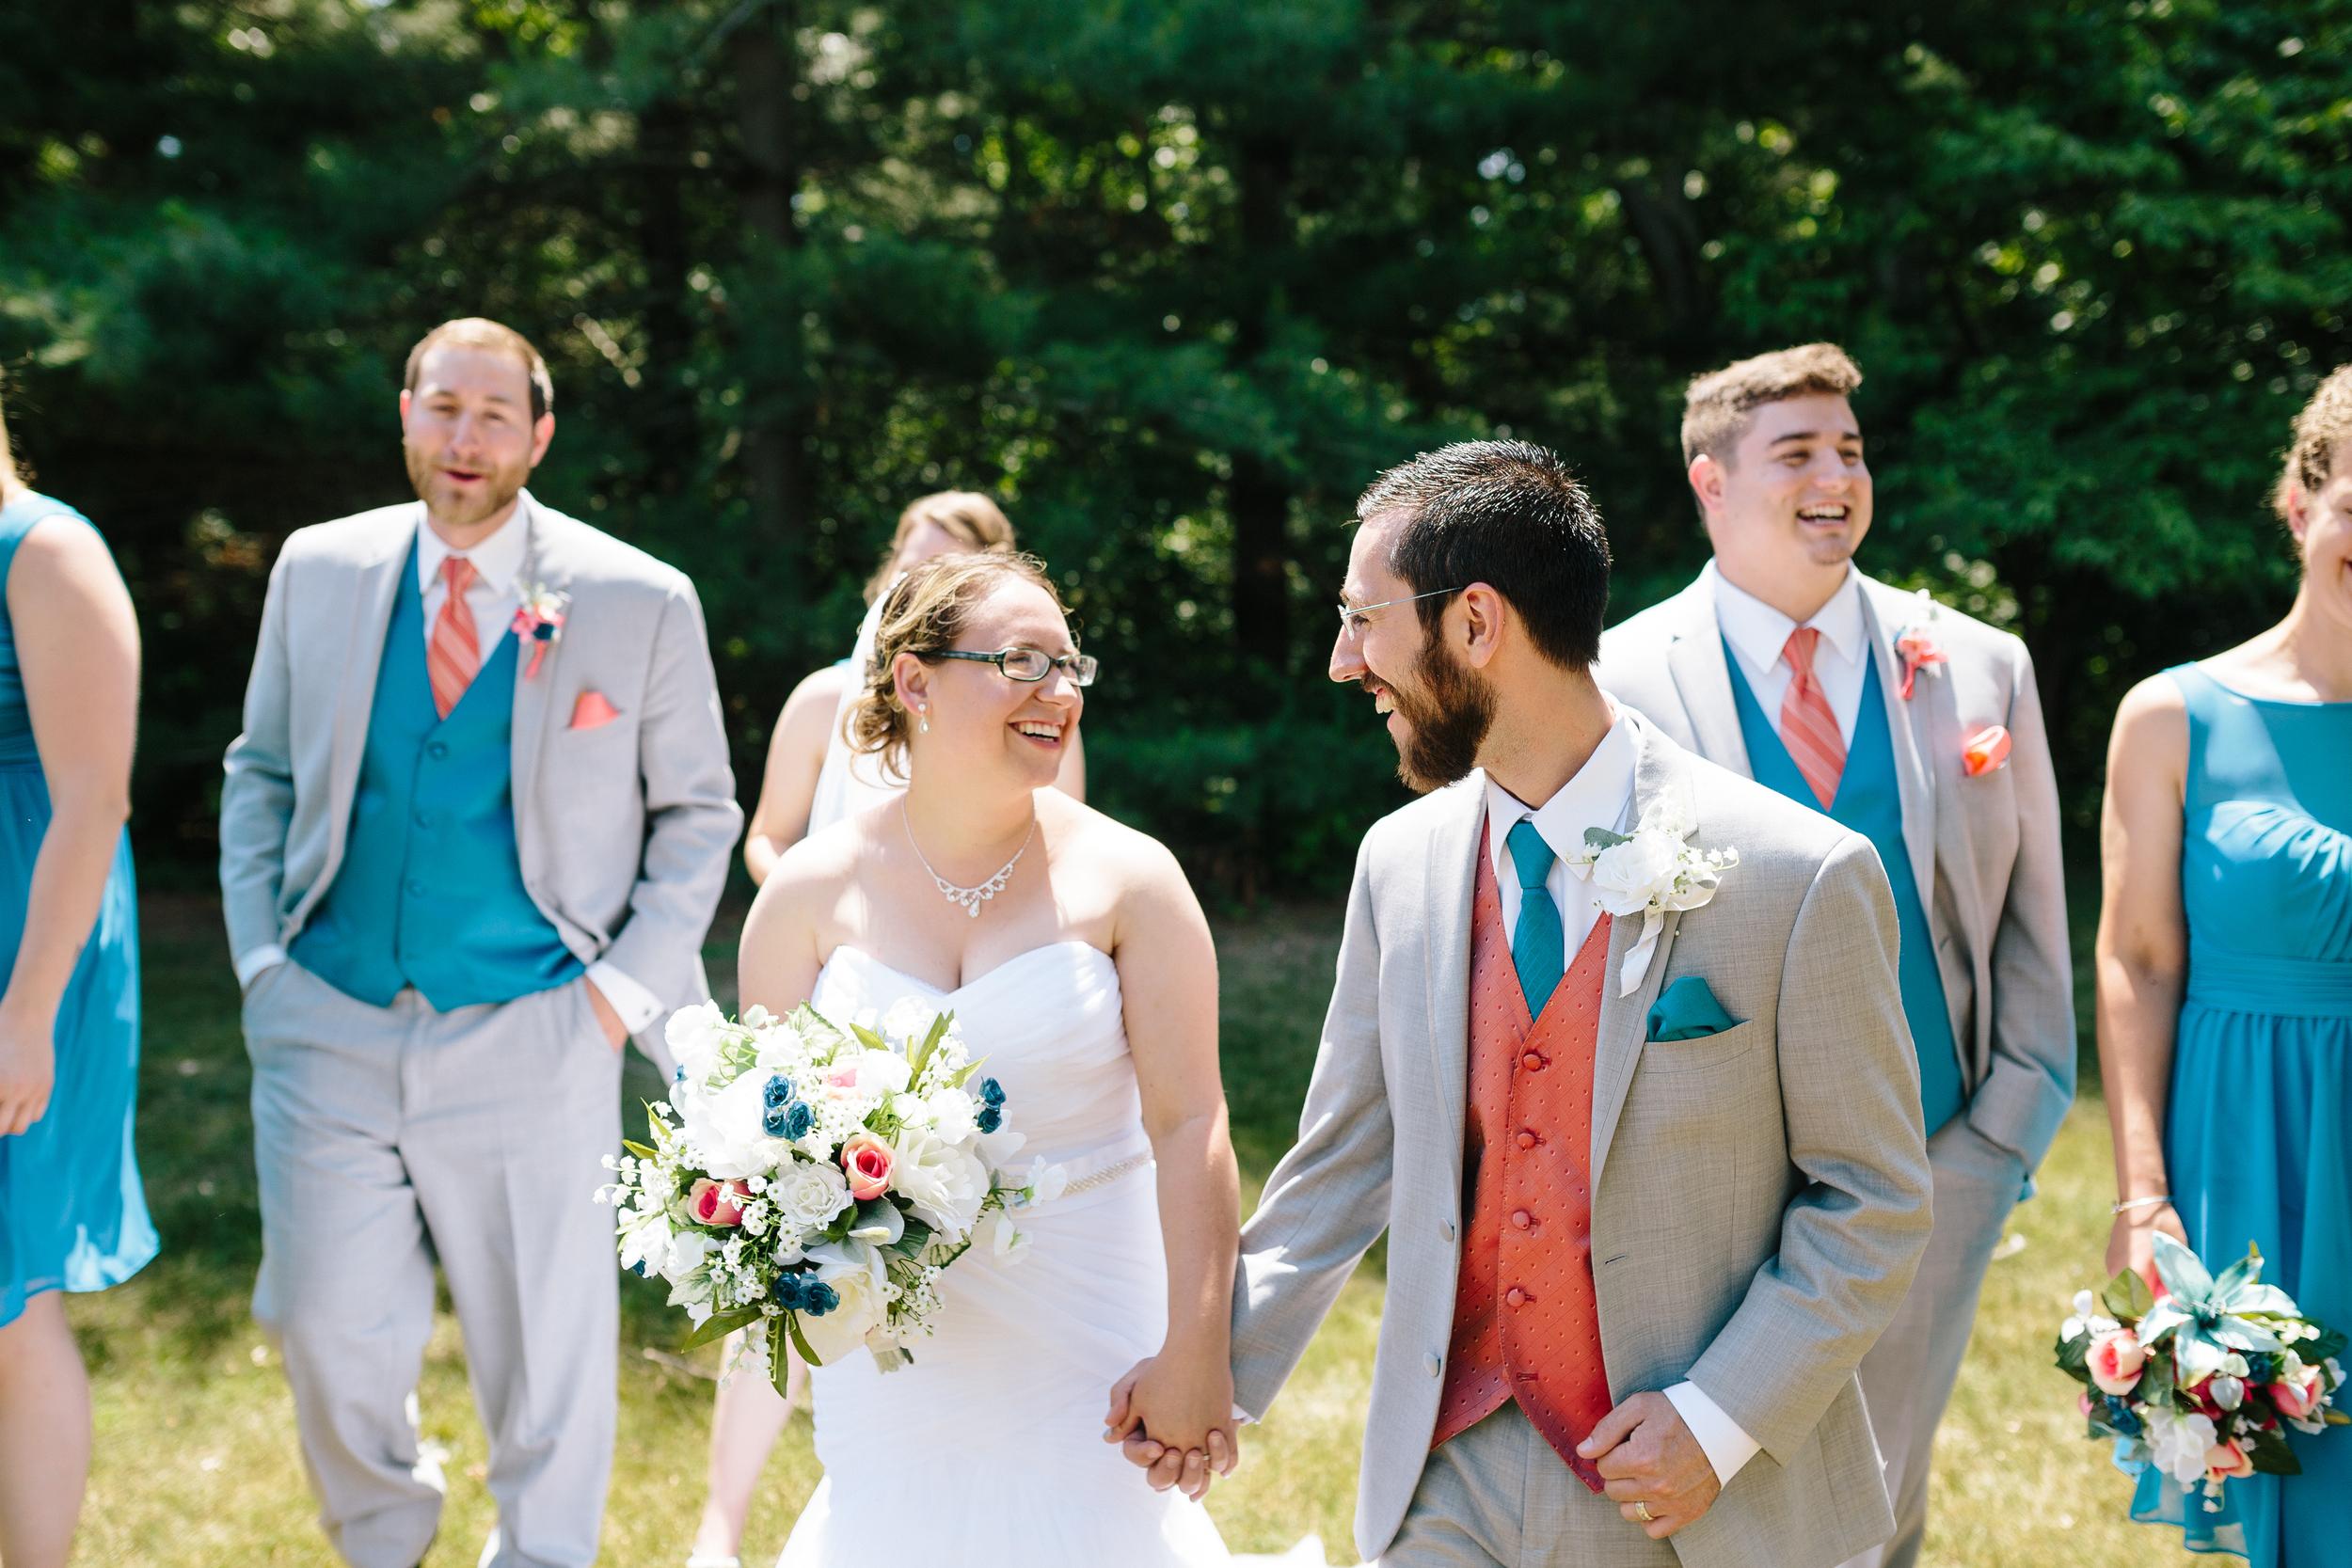 Peter & Rachel Married - South Bend, Indiana-328.jpg